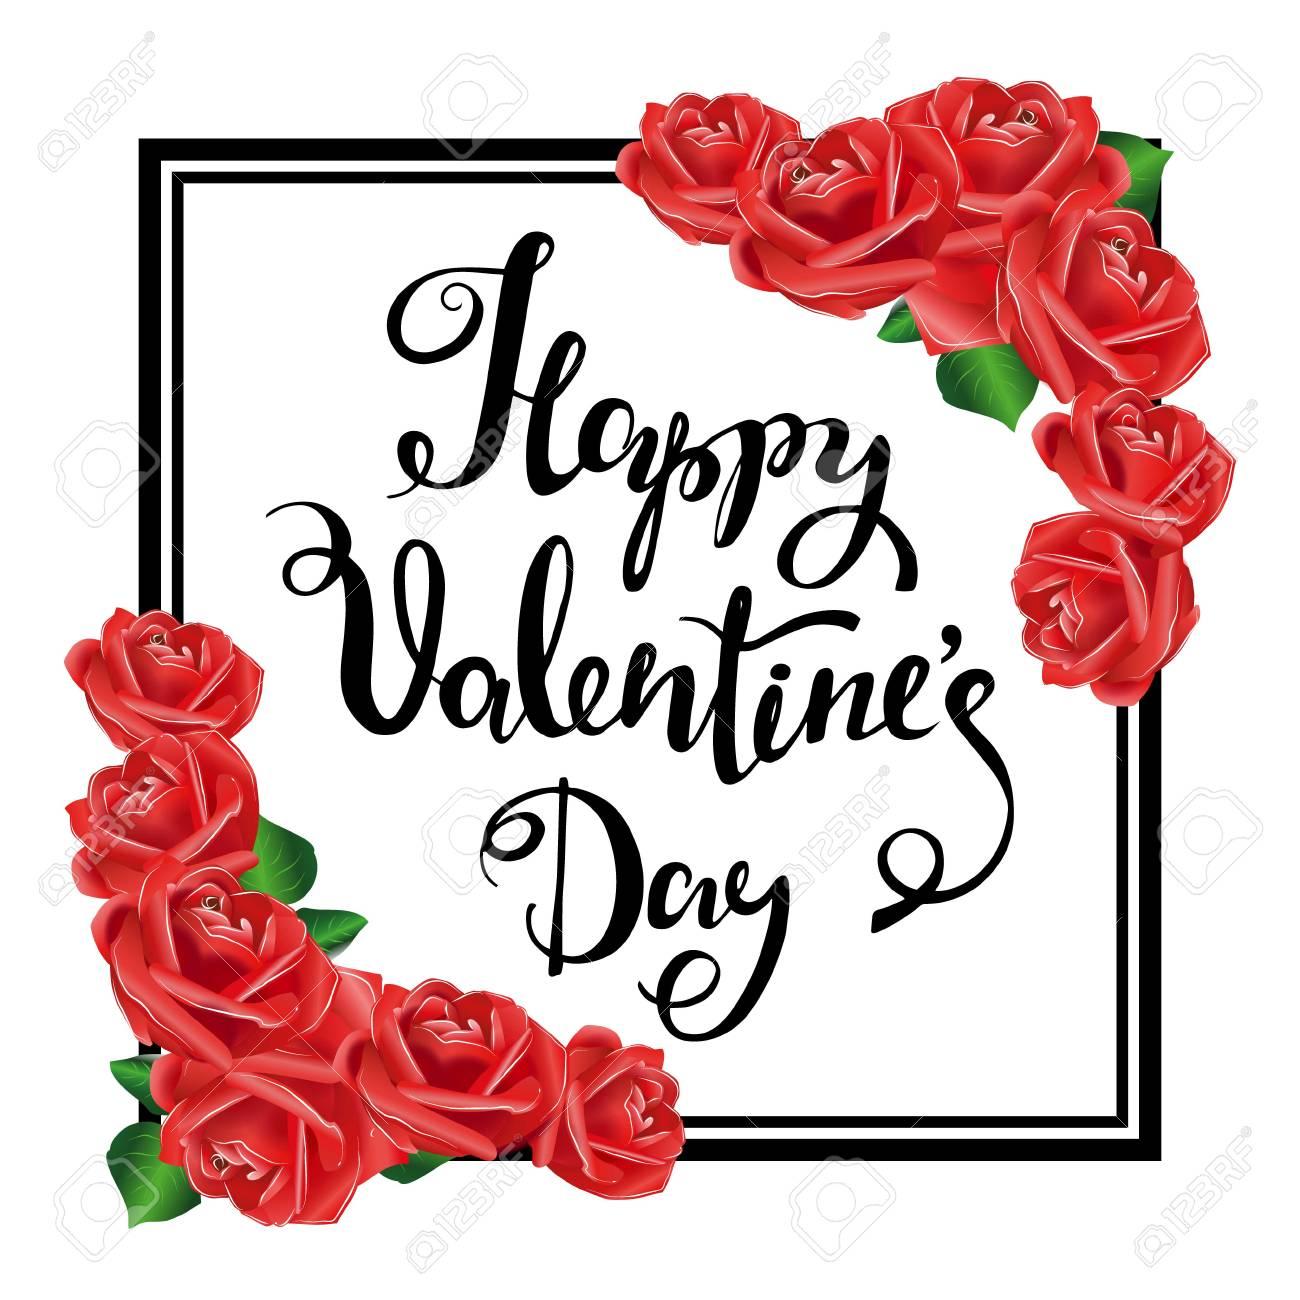 Joyeuse Saint Valentin Cadre Noir Roses Rouges Dessin De Lettrage